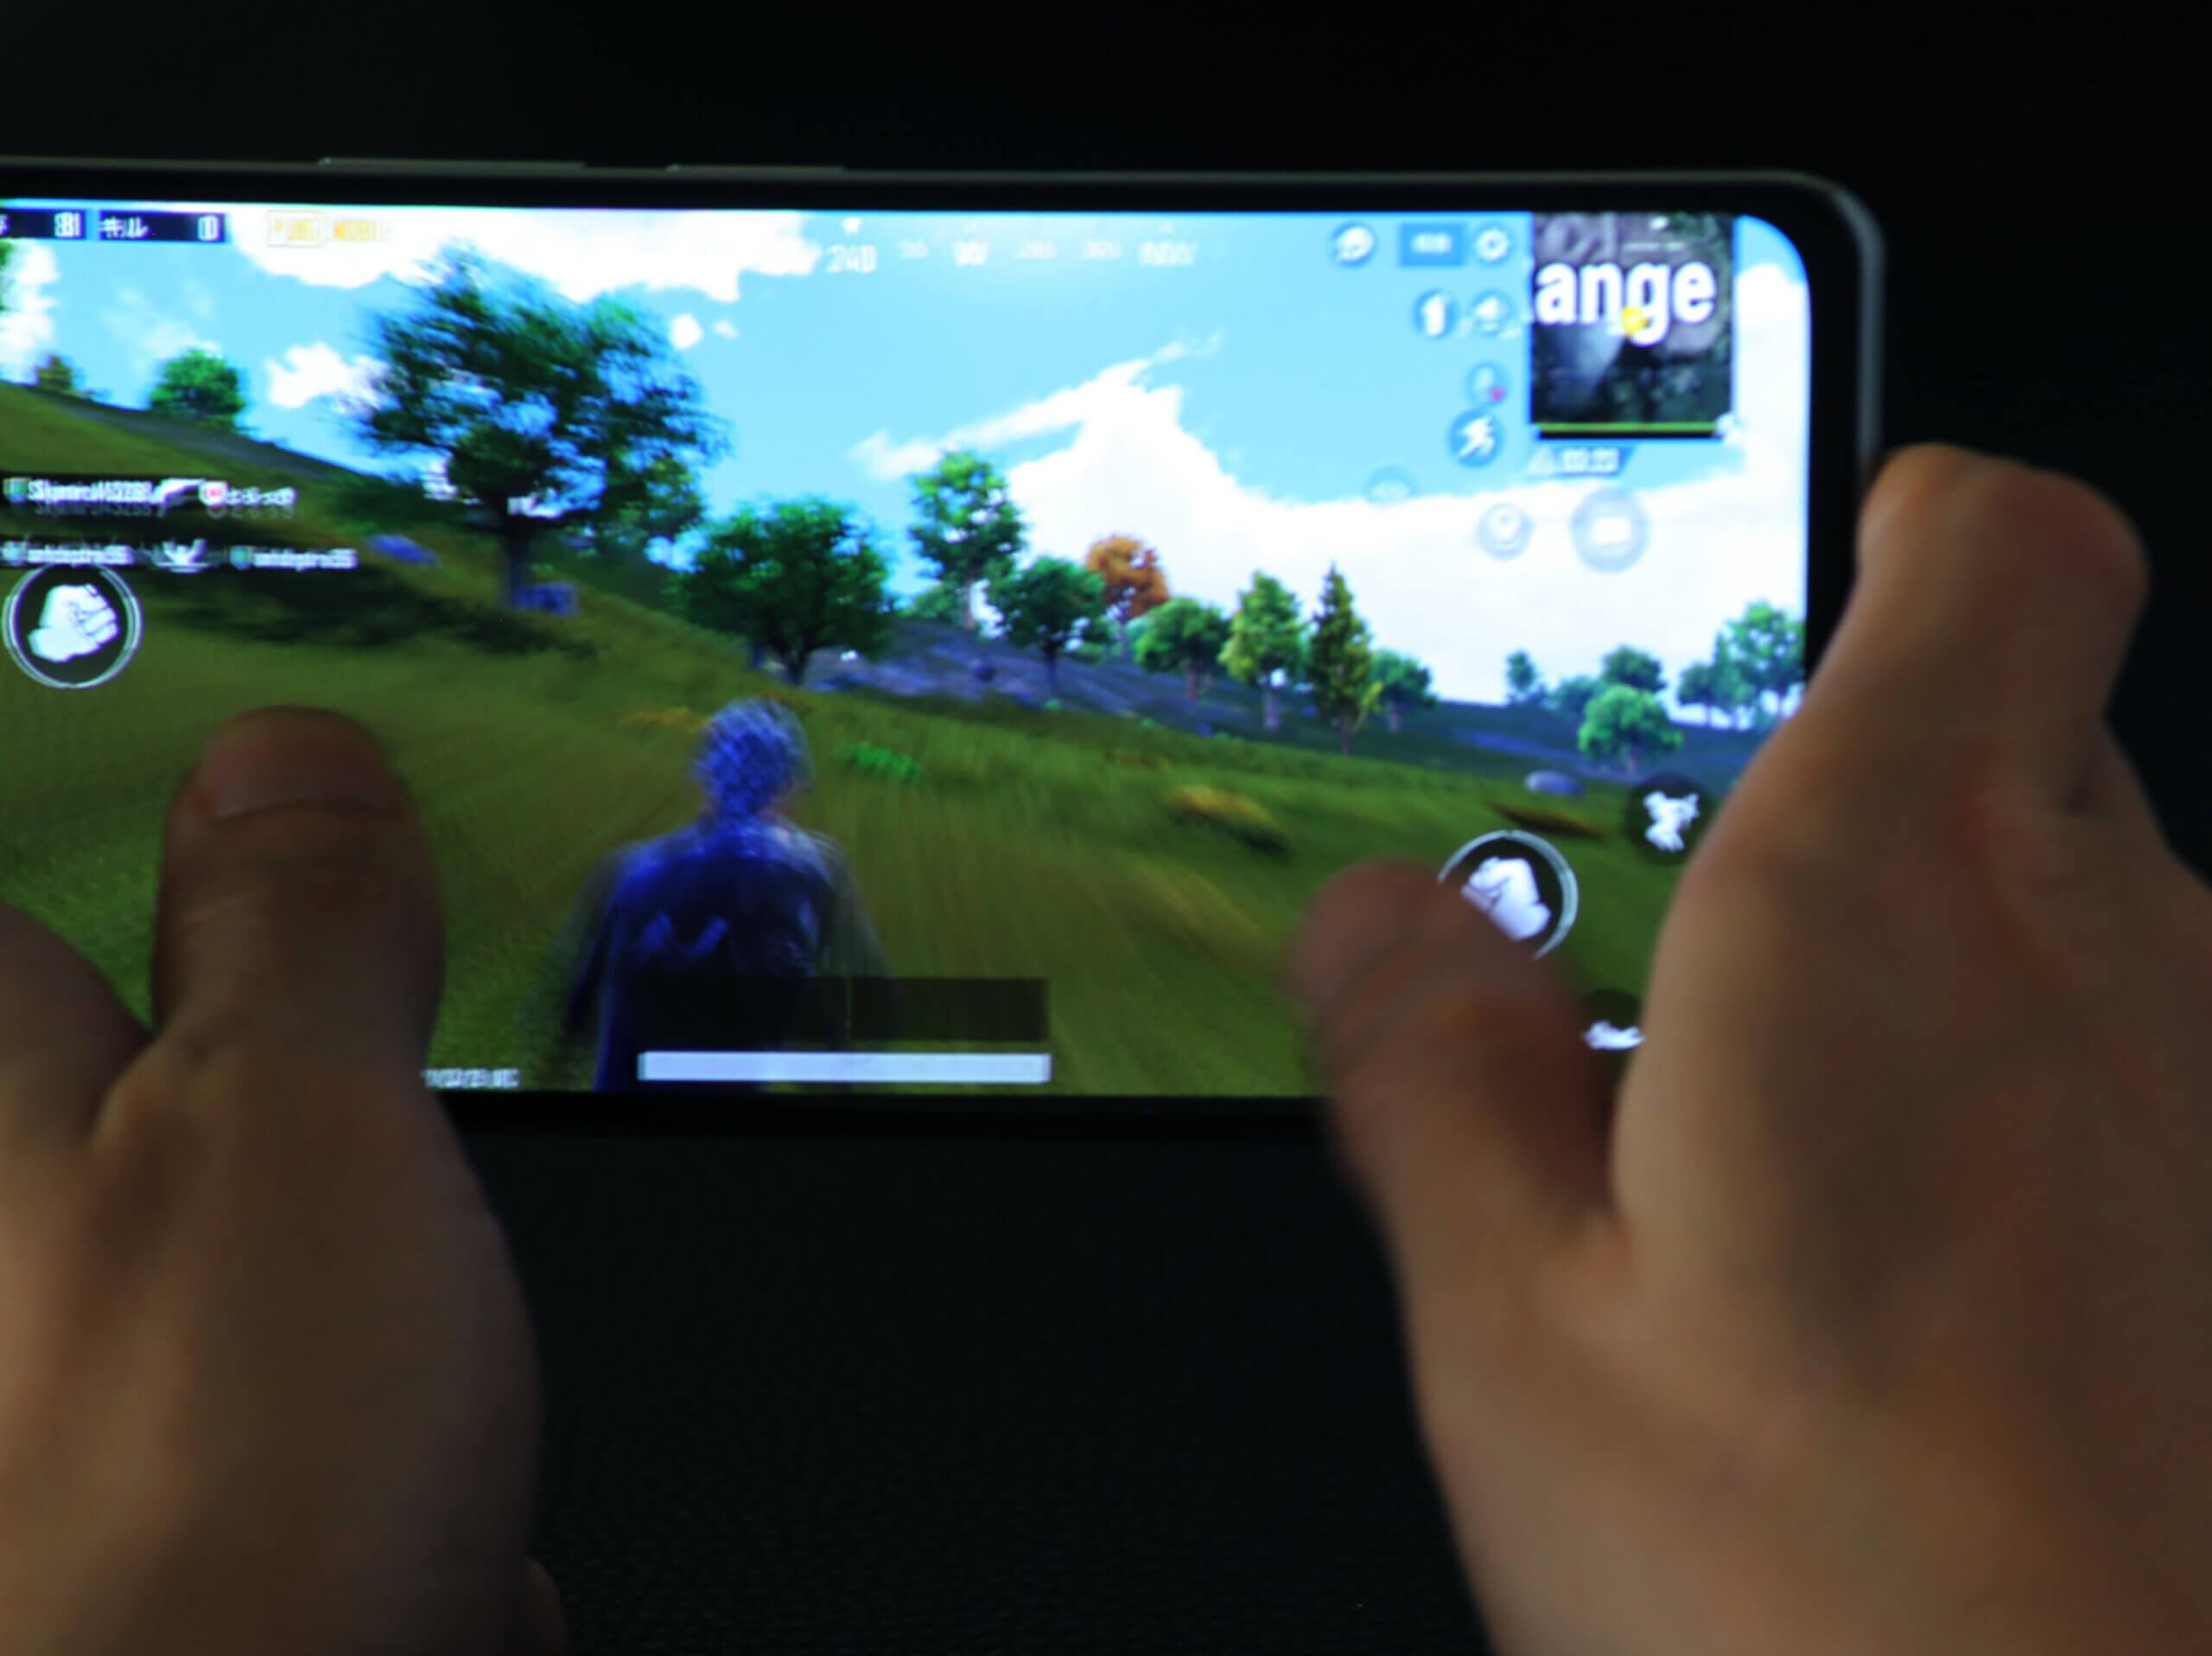 Xiaomi POCO F3は処理能力とタッチサンプリングレートが高いので指に吸い付くような操作が可能